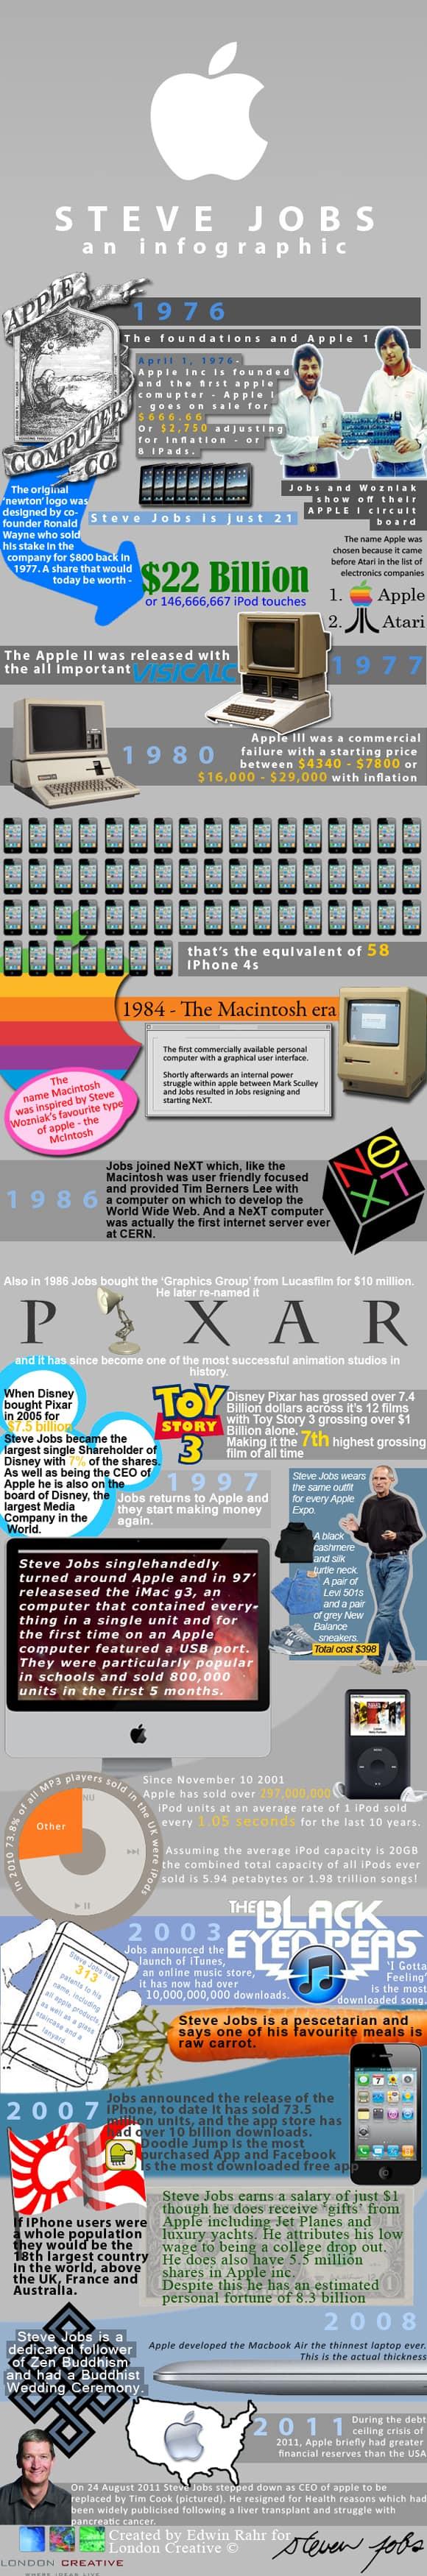 4 steve jobs infographic 18 Stunning Steve Jobs Infographics